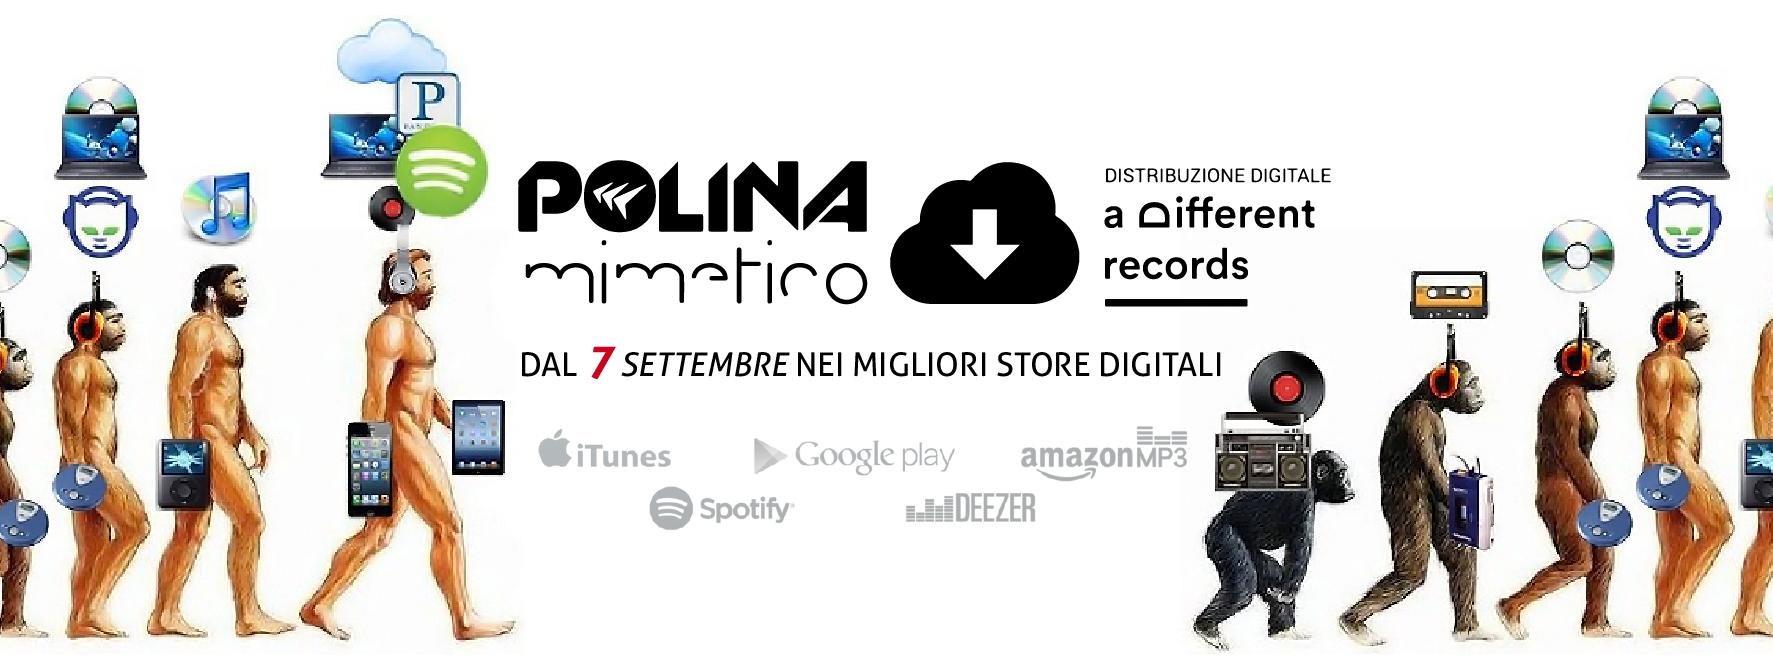 """Polina """"Mimetico"""" negli store digitali dal 7 Settembre 2016"""